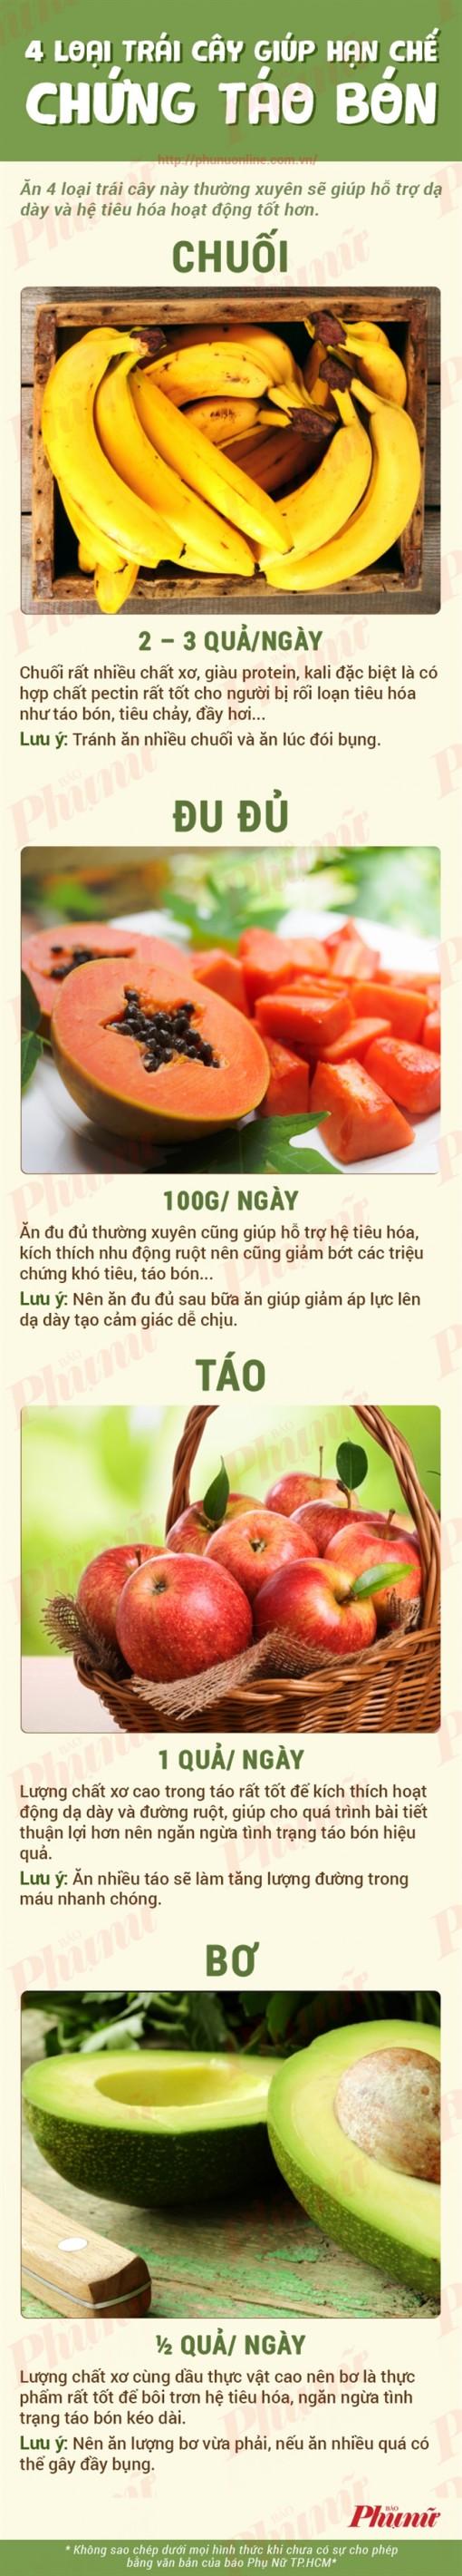 4 loại trái cây giúp hạn chế táo bón hiệu quả